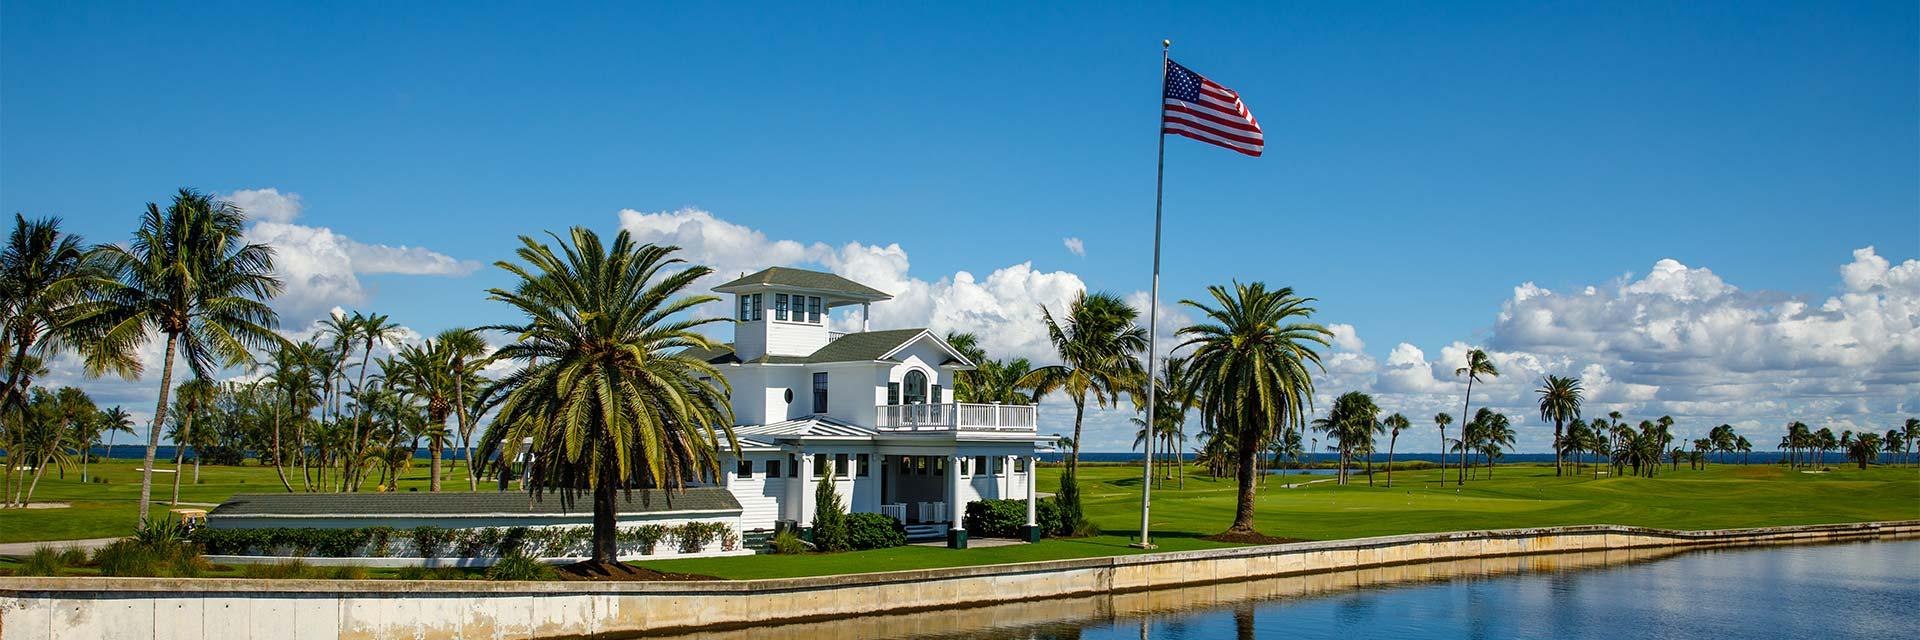 Gasparilla Inn Golf Club in Boca Grande Florida